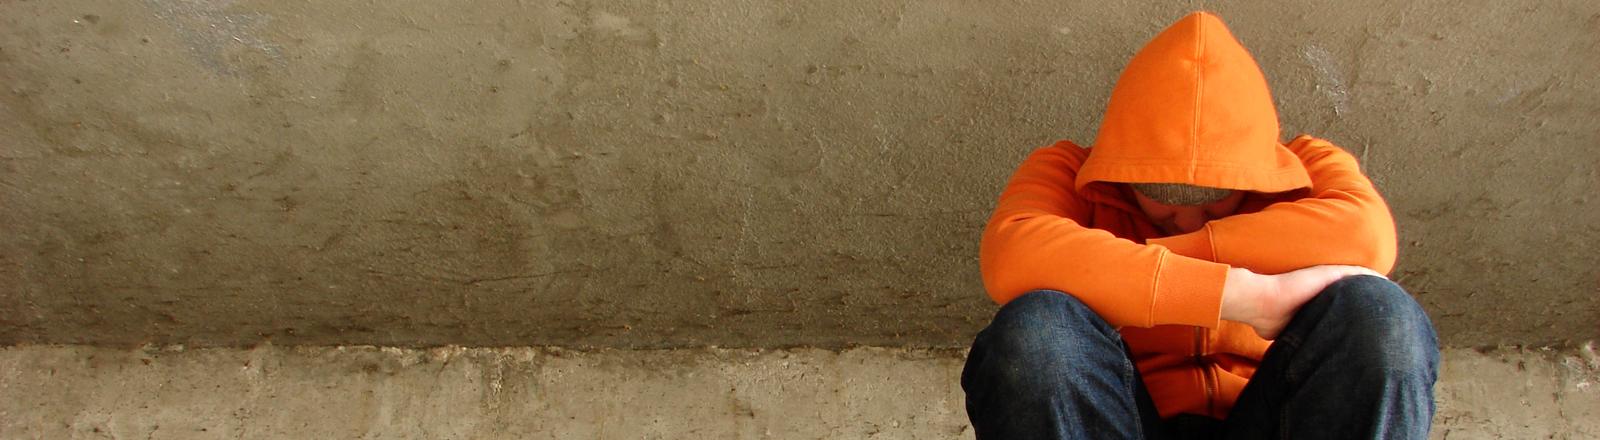 Ein Mann sitzt zusammengekrümmt auf dem Boden.